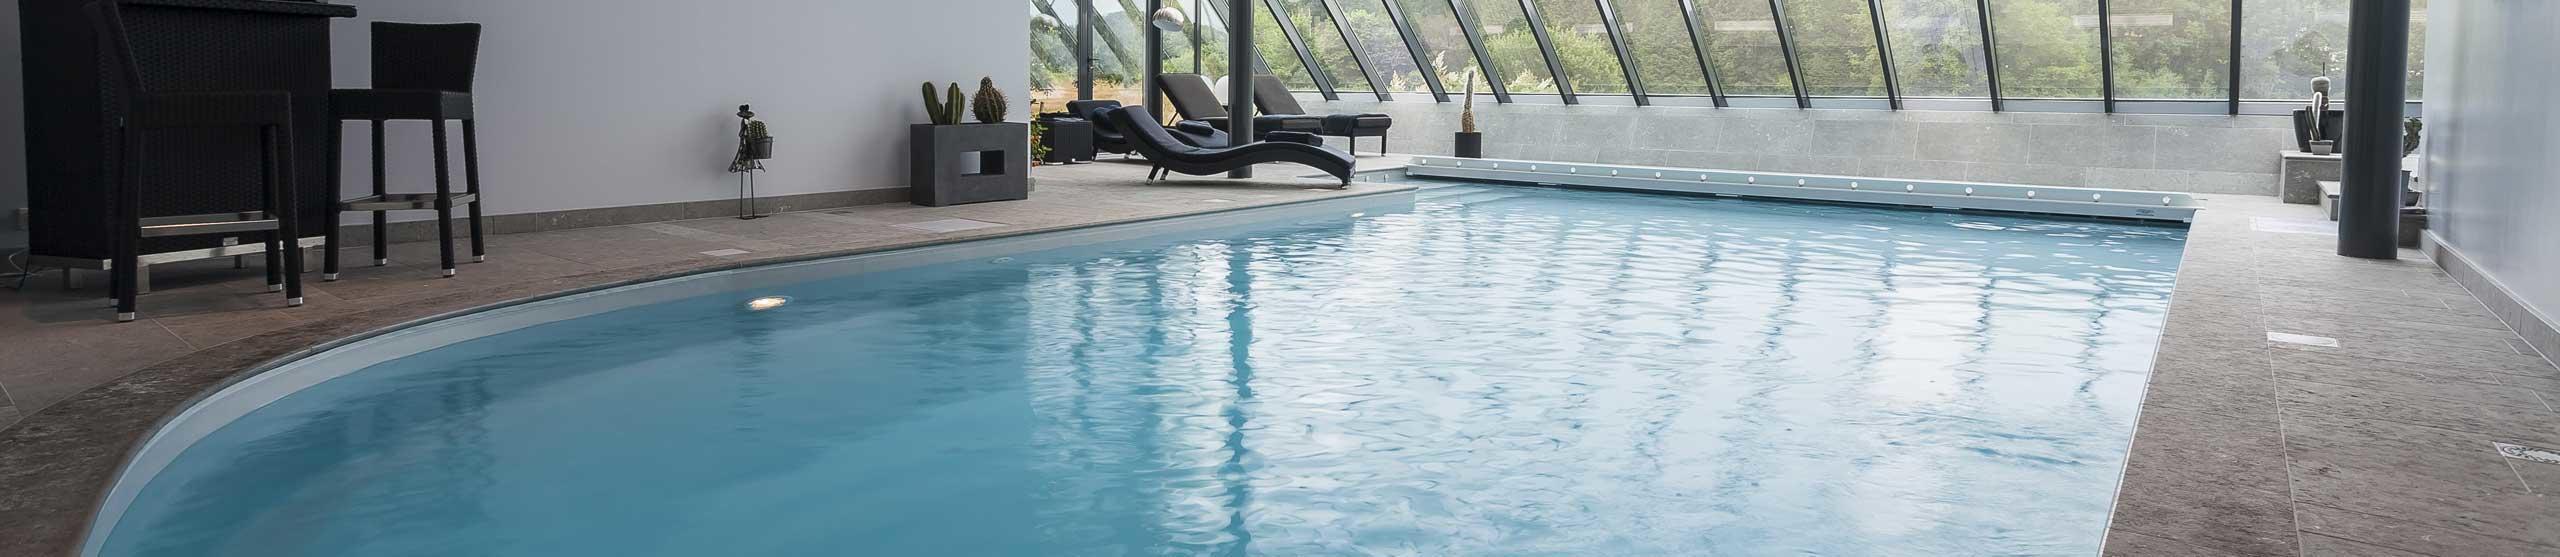 Tunisie Piscines   Swimming Pools Magiline à Piscine Carquefou